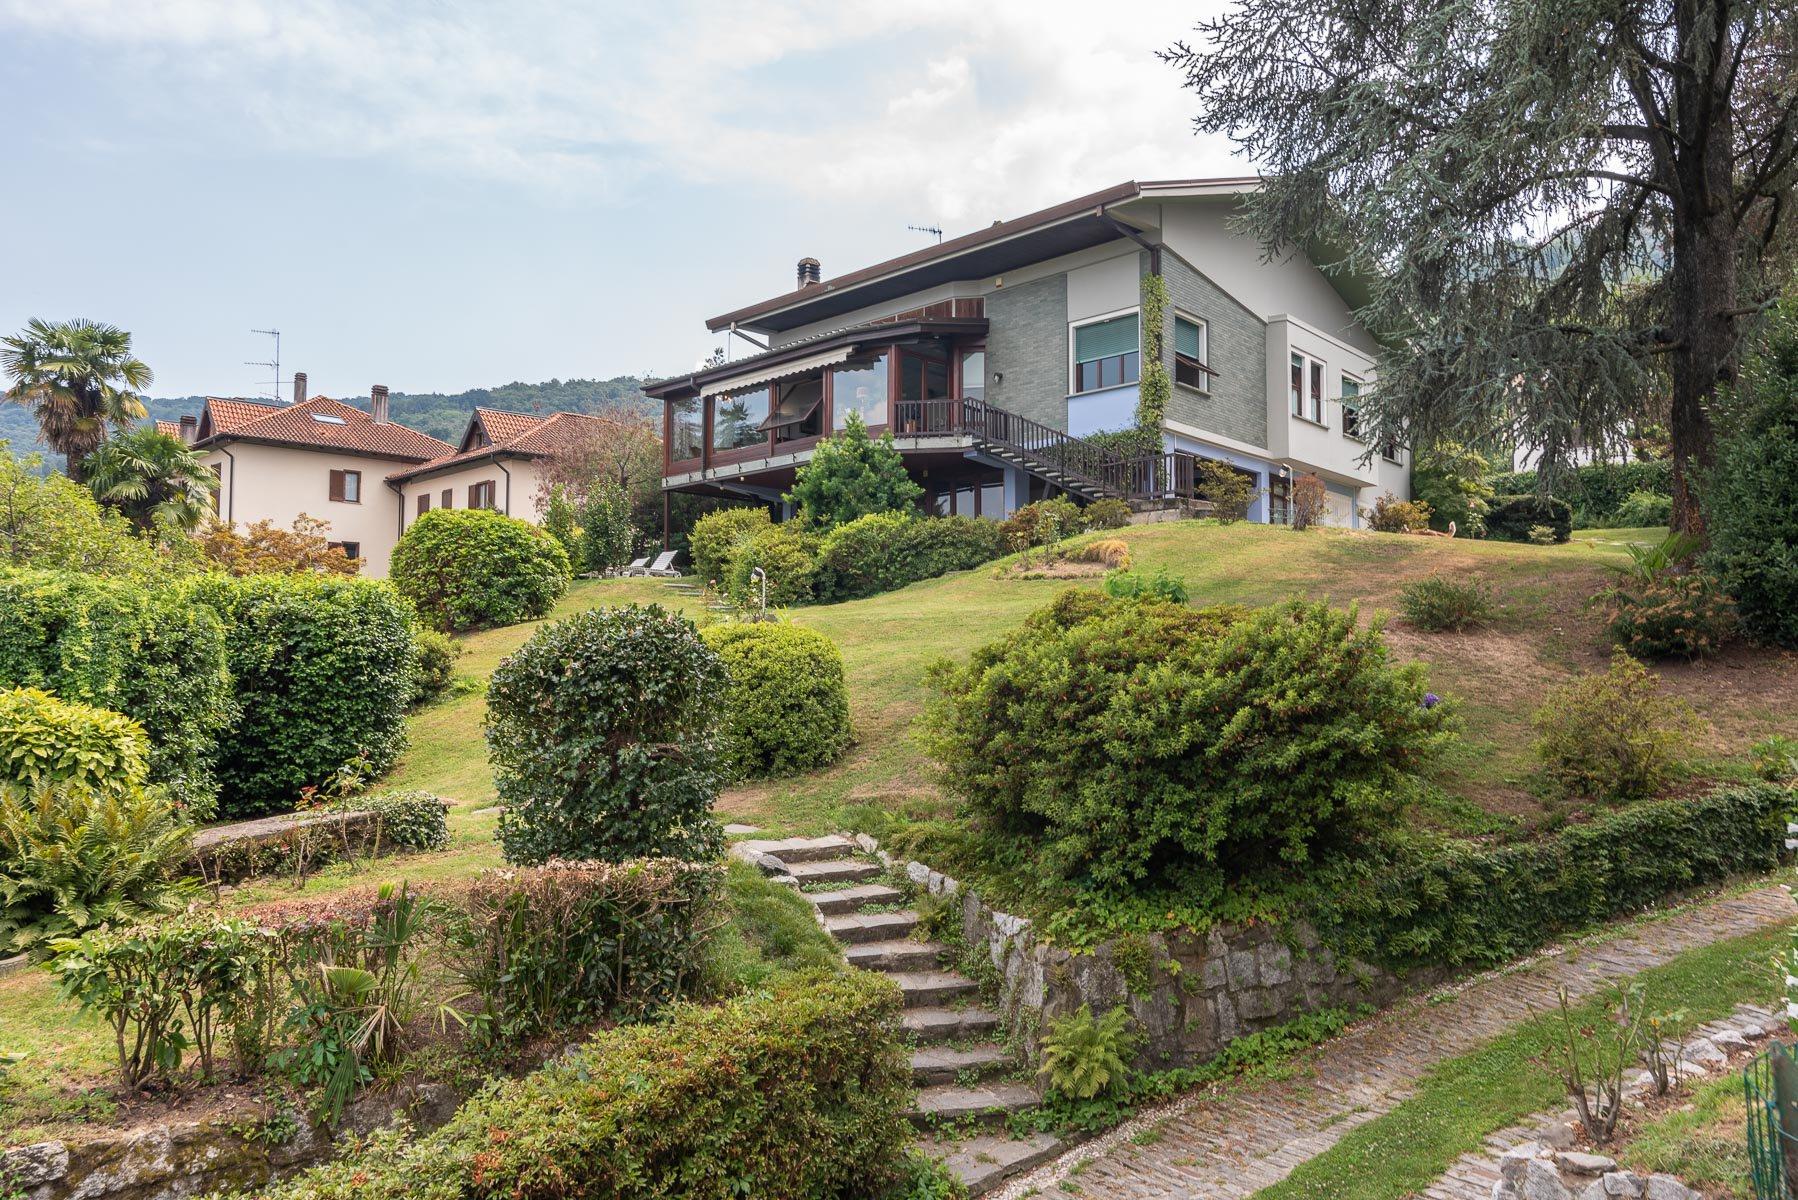 Villa signorile in vendita a Stresa con giardino